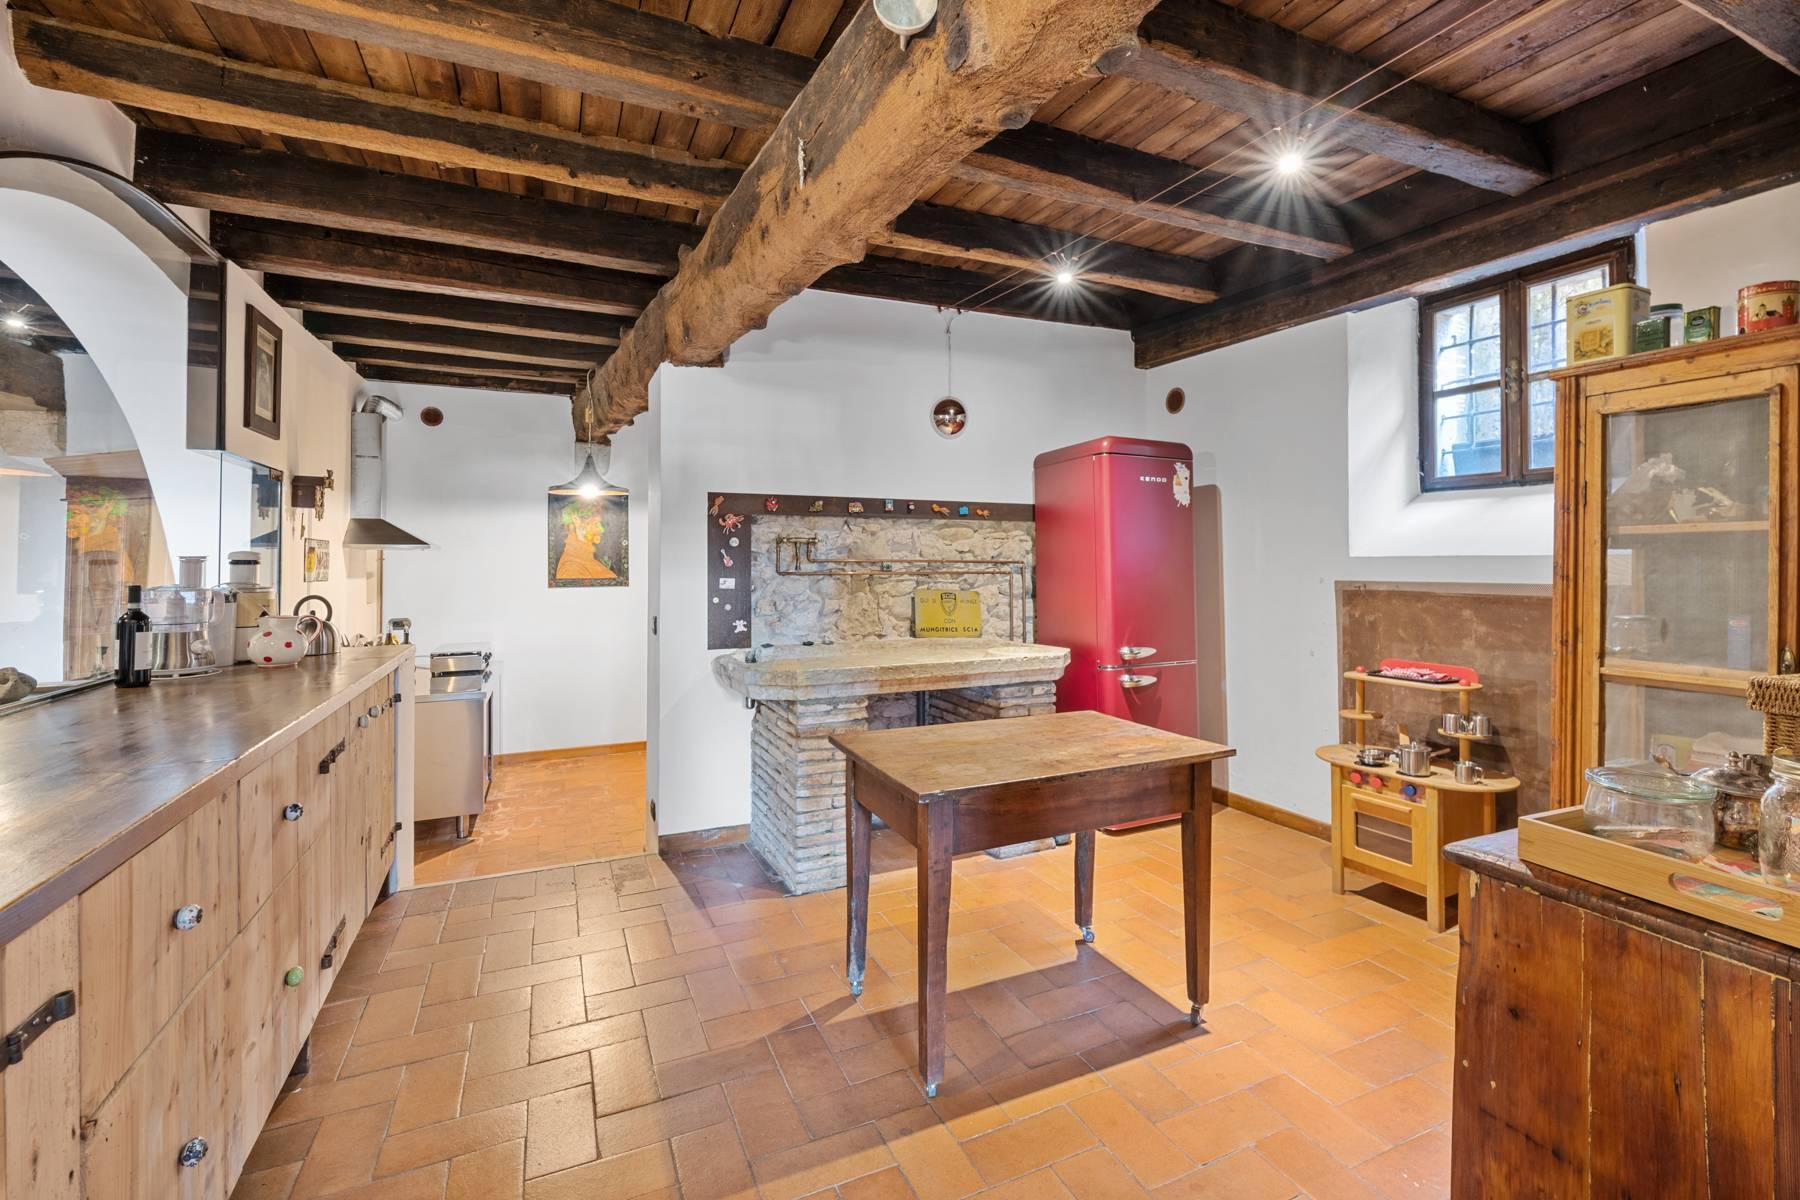 Rustico in Vendita a Caprino Veronese: 5 locali, 770 mq - Foto 6